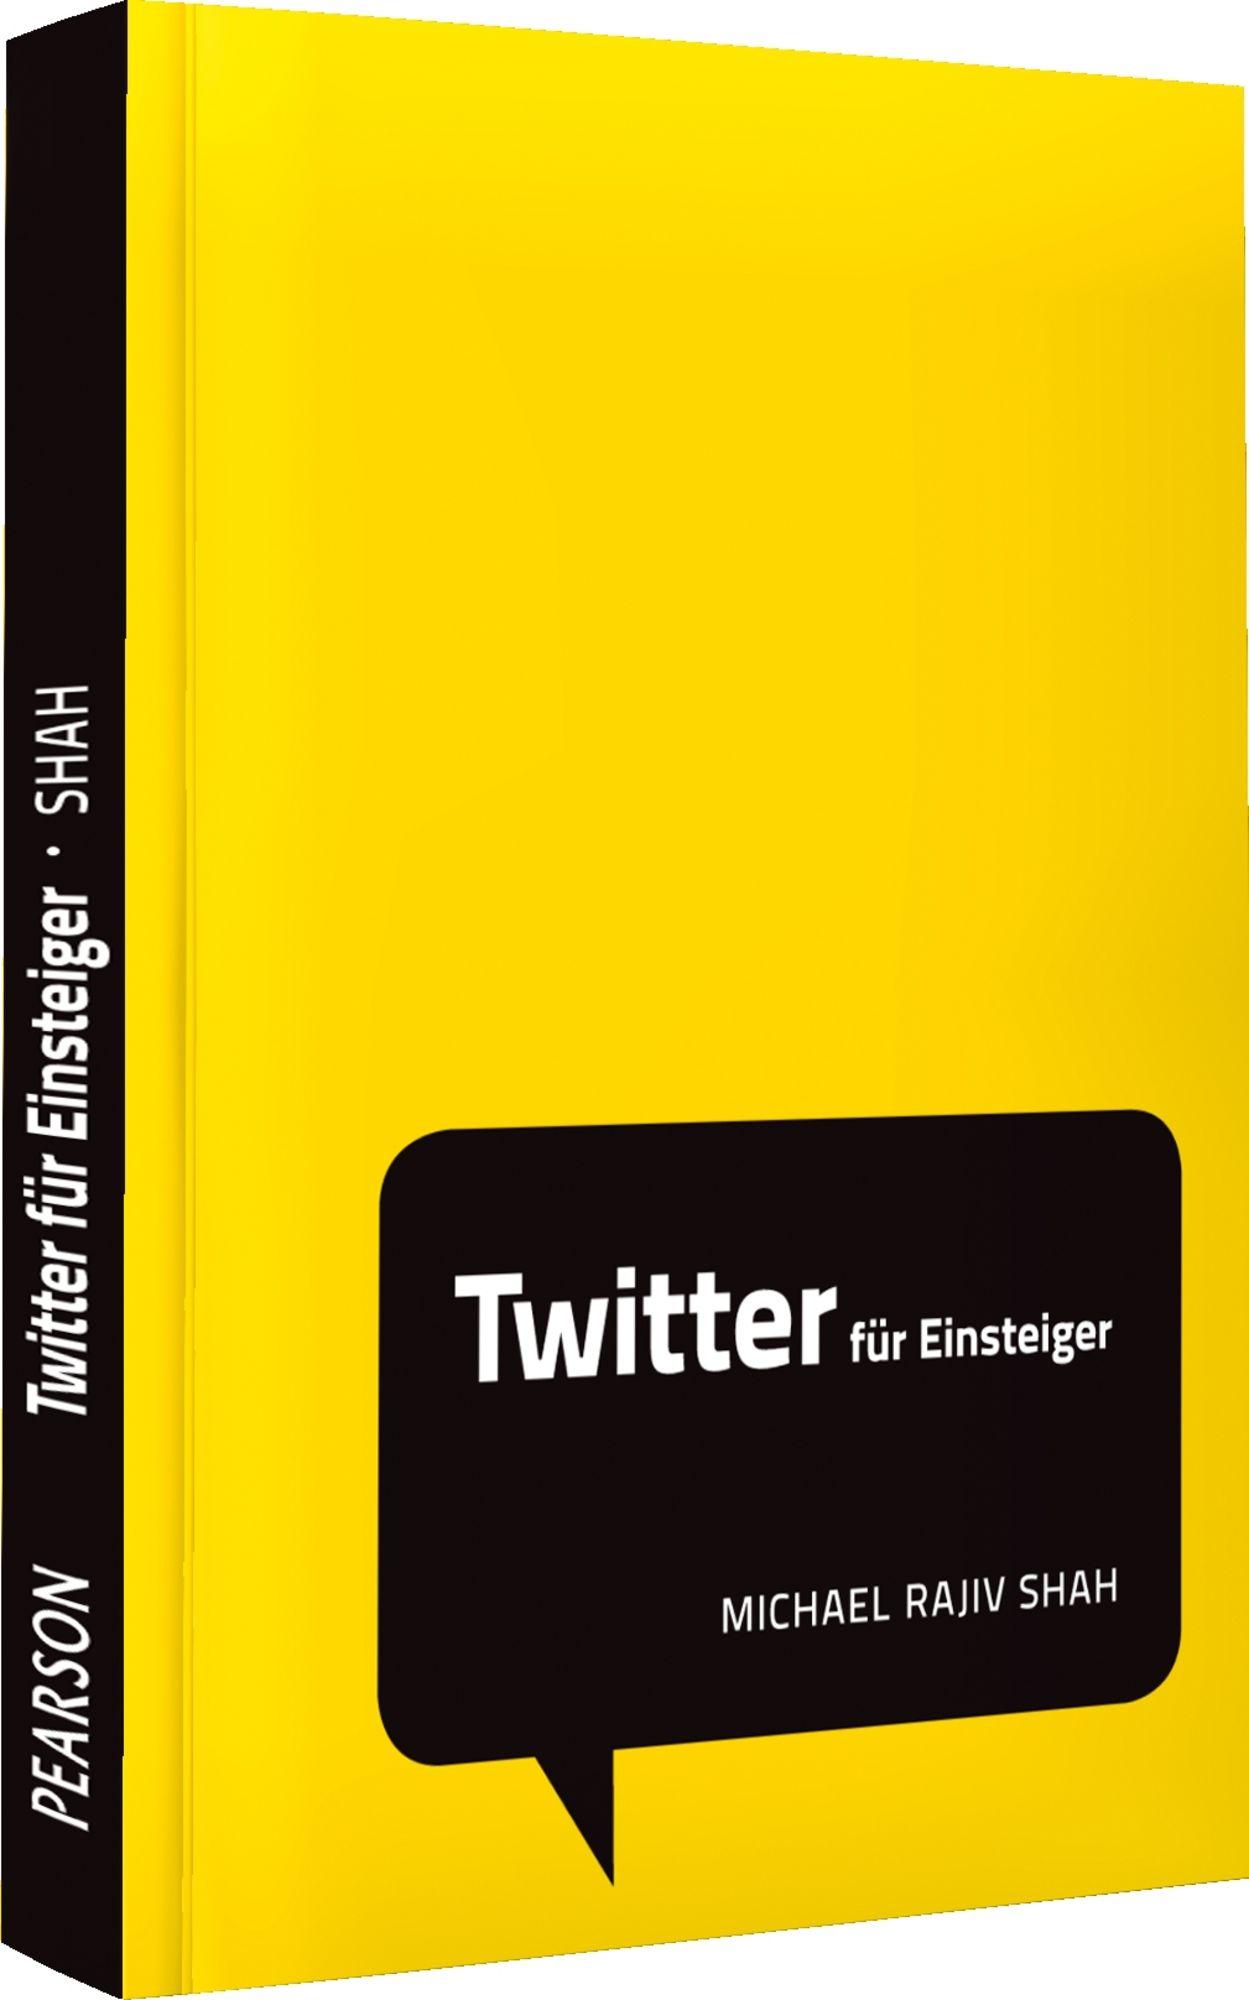 Twitter für Einsteiger: Social Media Minis (Pea...